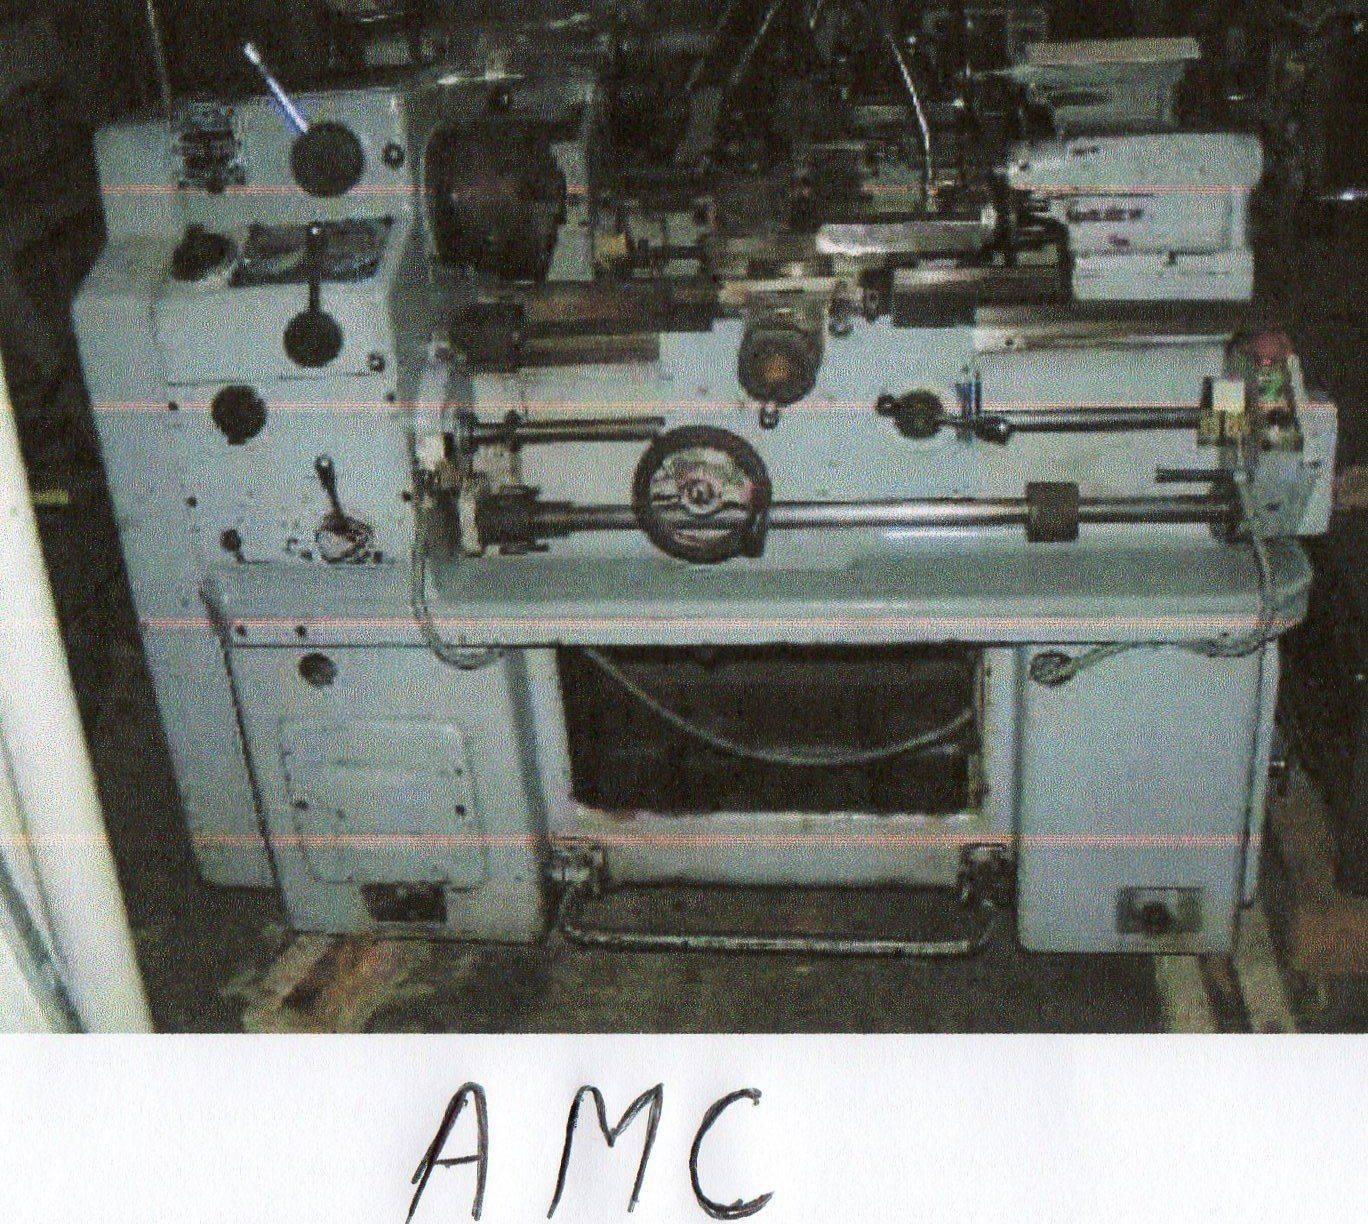 2009 tour amc 360et380+fraiseuse (10).jpg